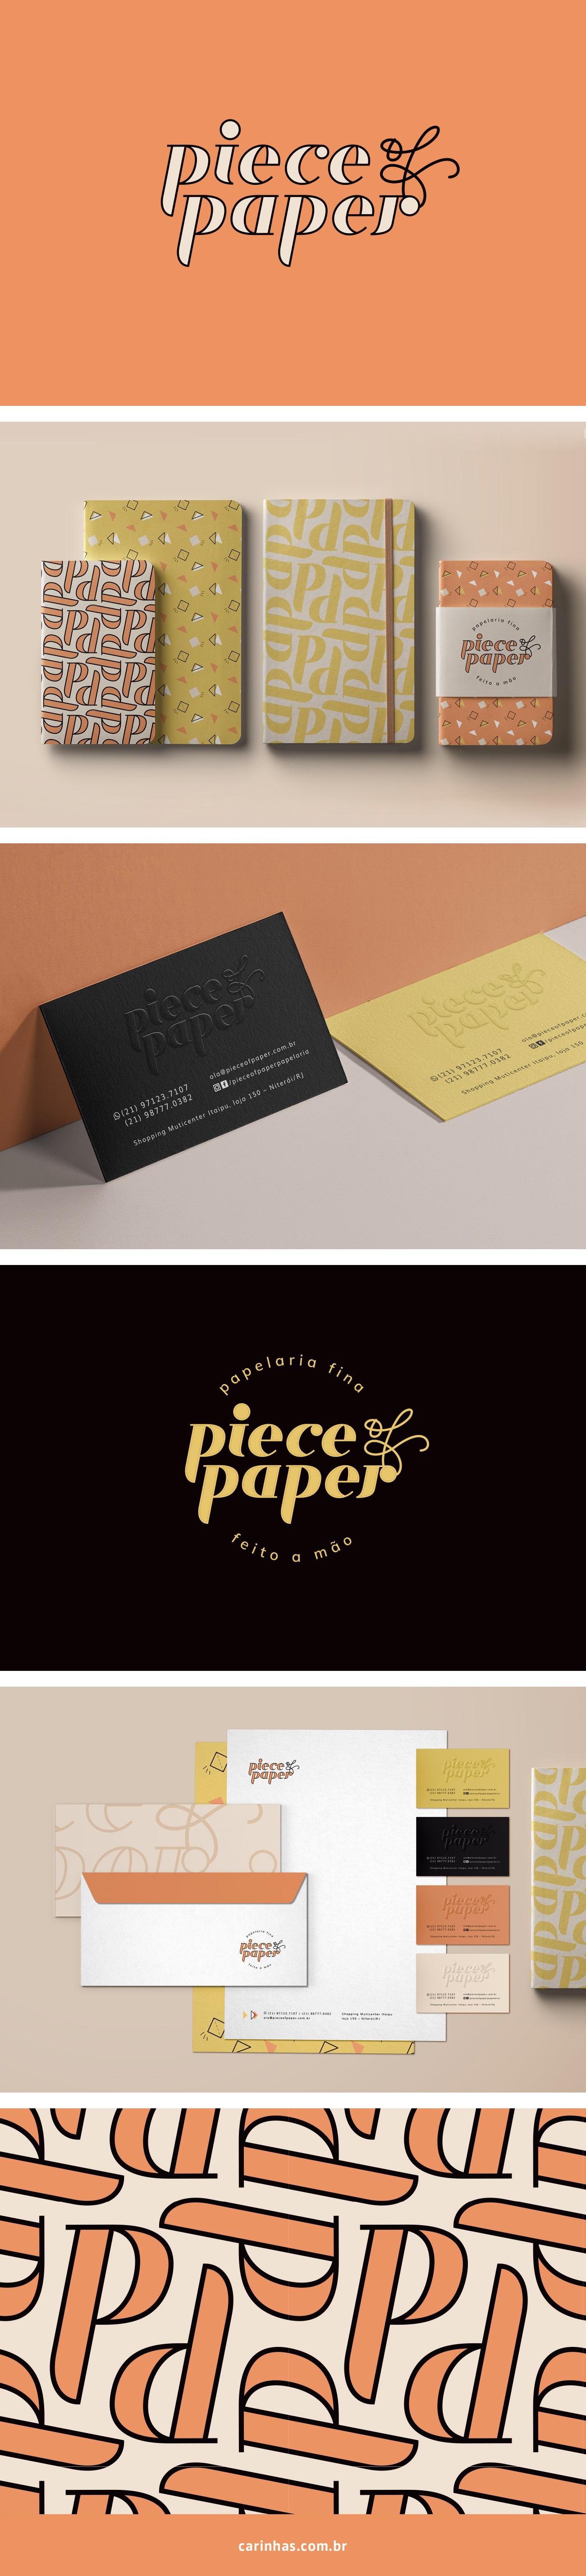 Marca Apaixonante para a Piece of Paper - papelaria fina - carinhas.com.br